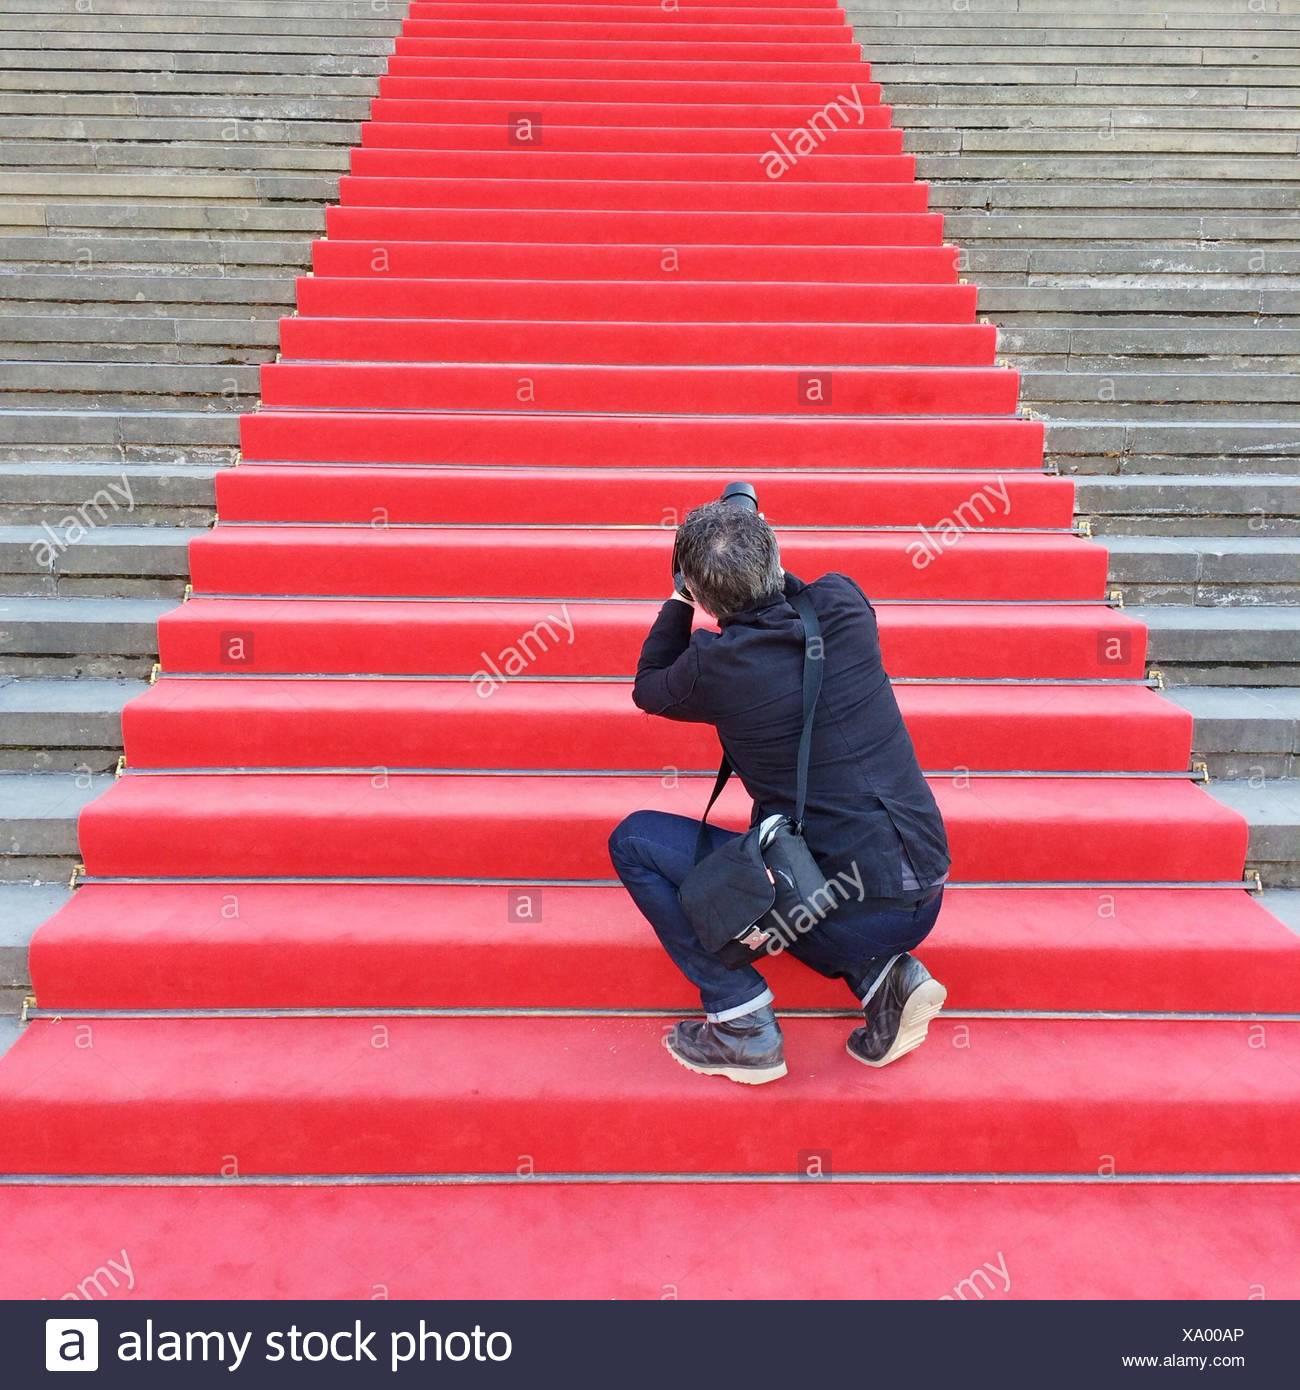 Vista posteriore di un maschio di Paparazzi sulla moquette rossa scale Immagini Stock